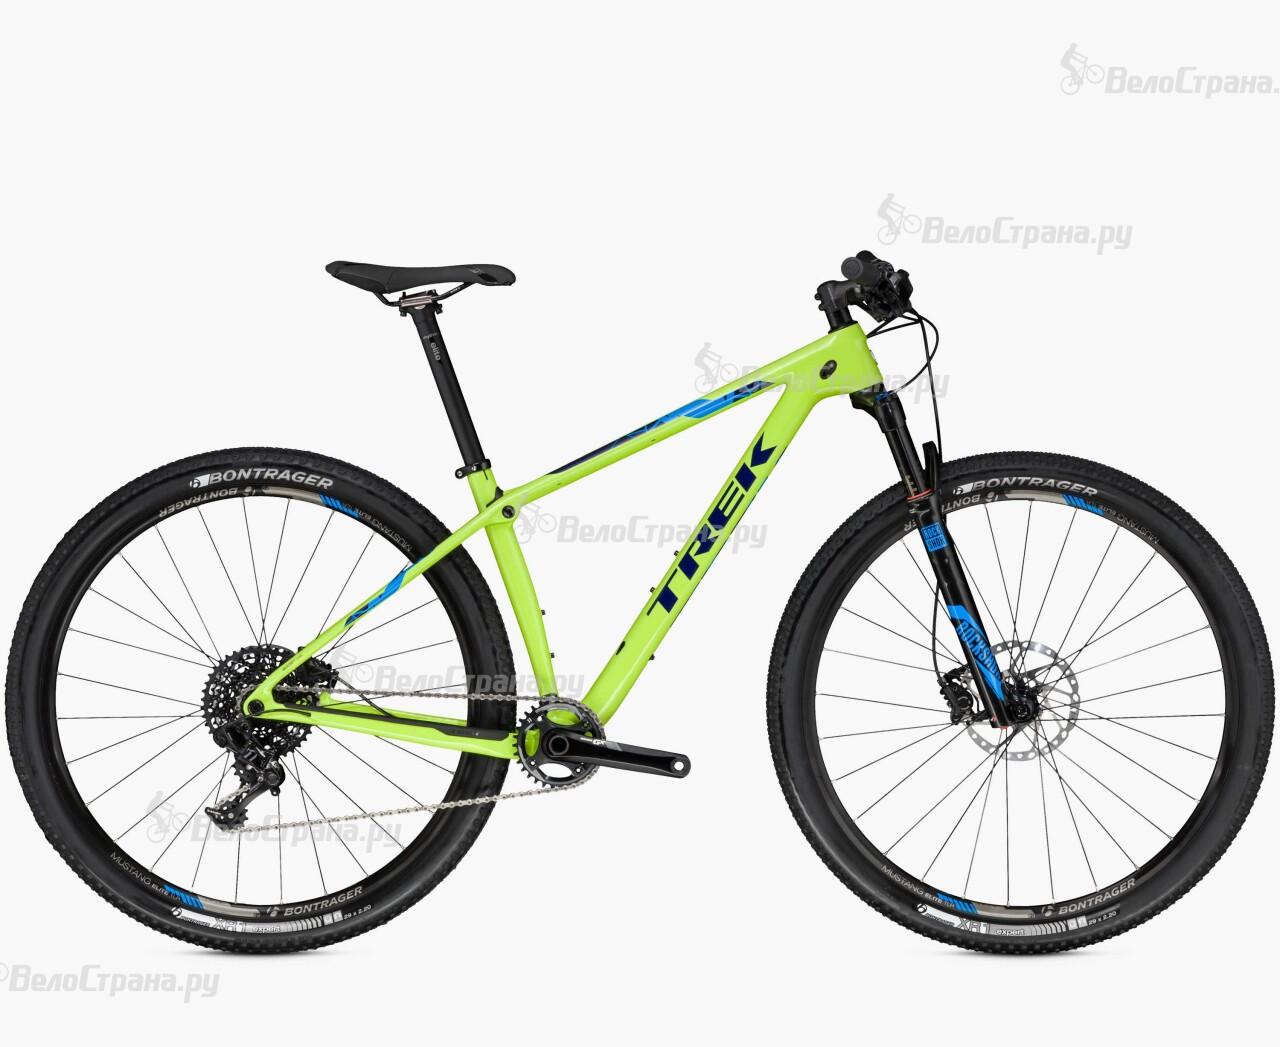 Велосипед Trek Procaliber 9.7 SL 29 (2016) толстовка для походов hoodie warm для мальчиков